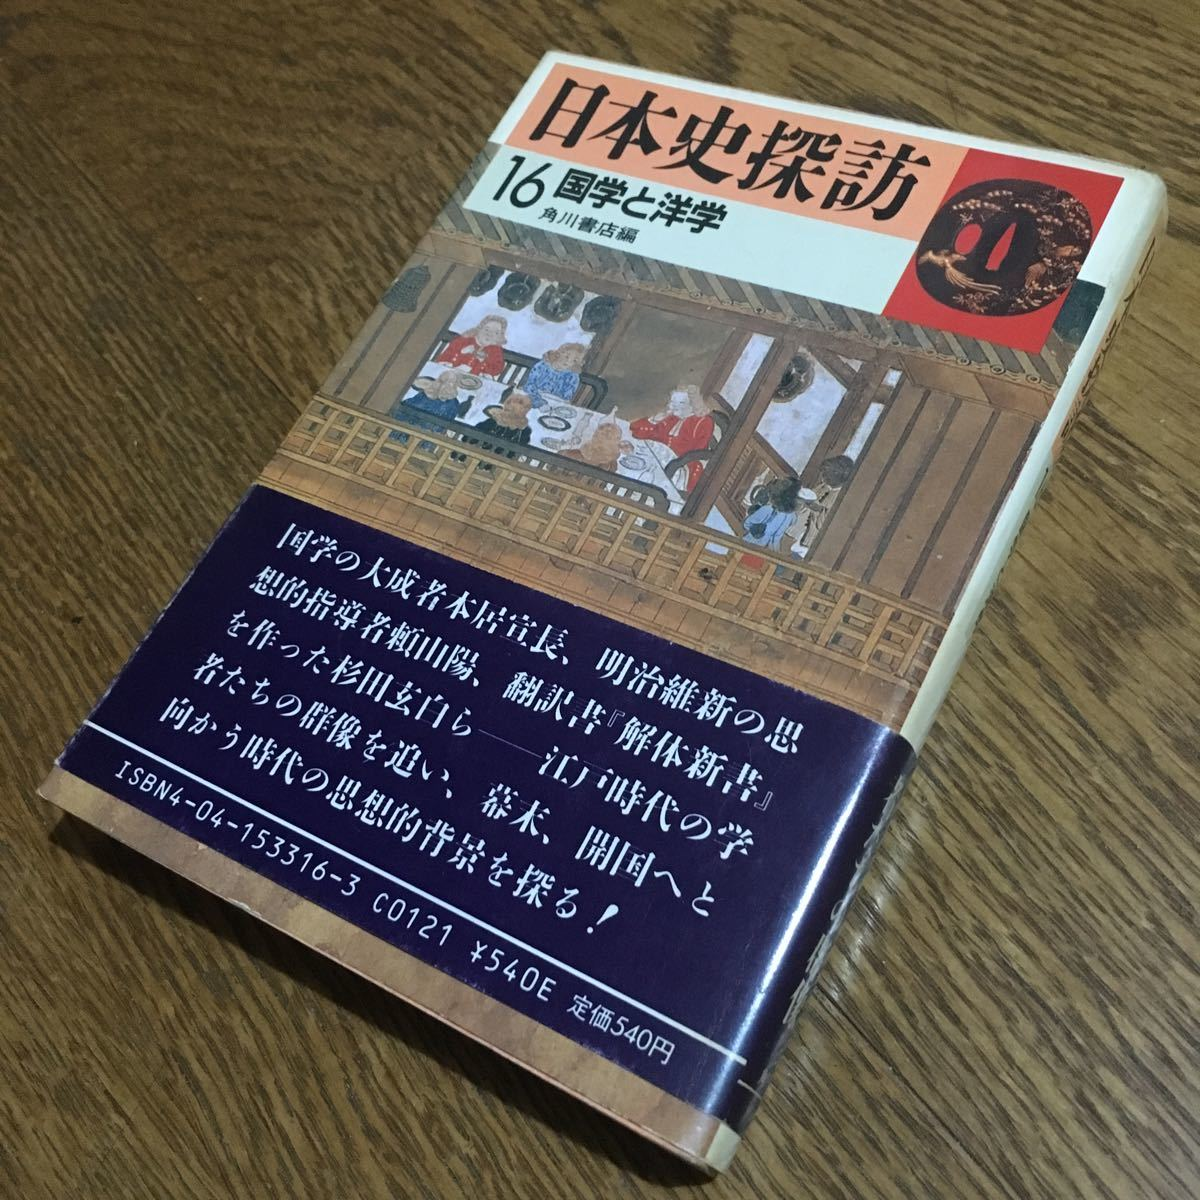 角川書店 編☆日本史探訪 16 (4版・帯付き)☆角川書店_画像1